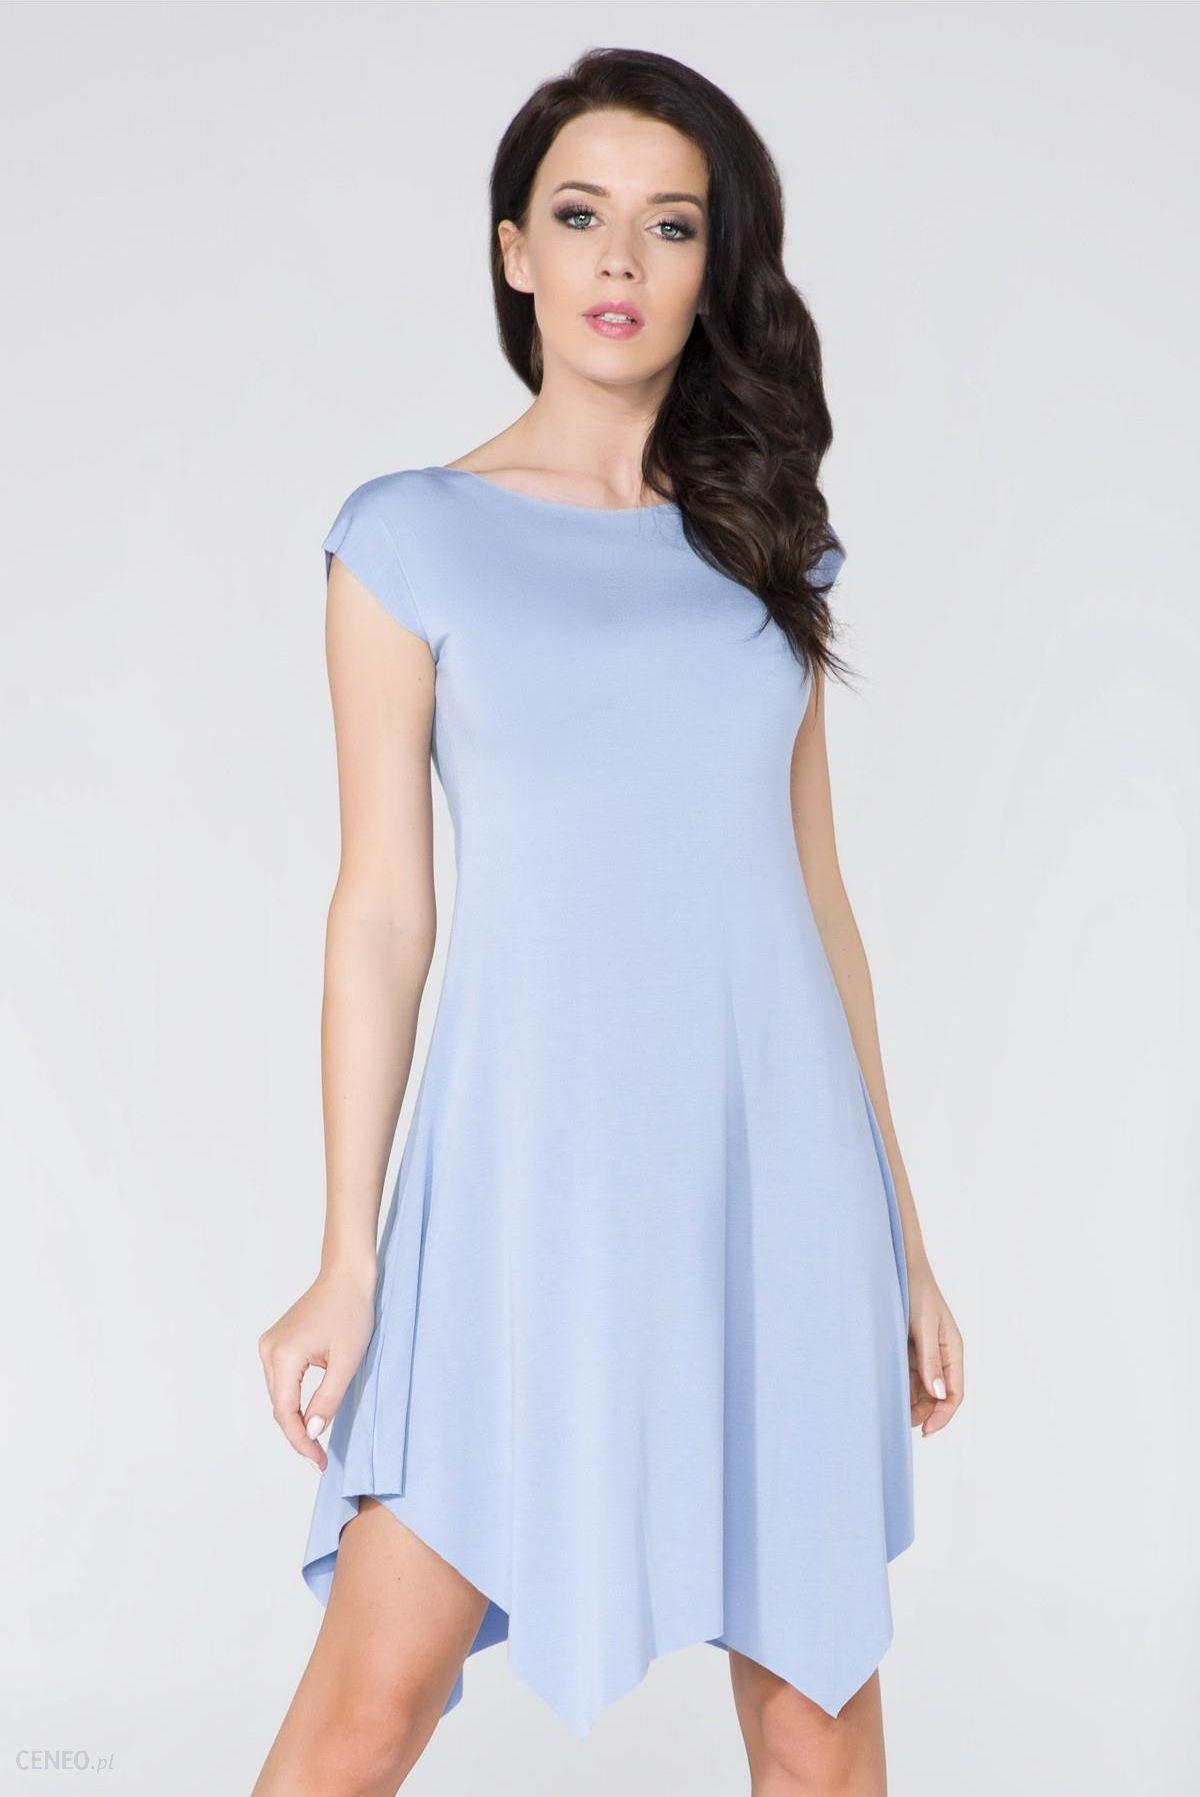 8ac031c815 Letnia asymetryczna sukienka z lejącej dzianiny niebieska T137 - zdjęcie 1